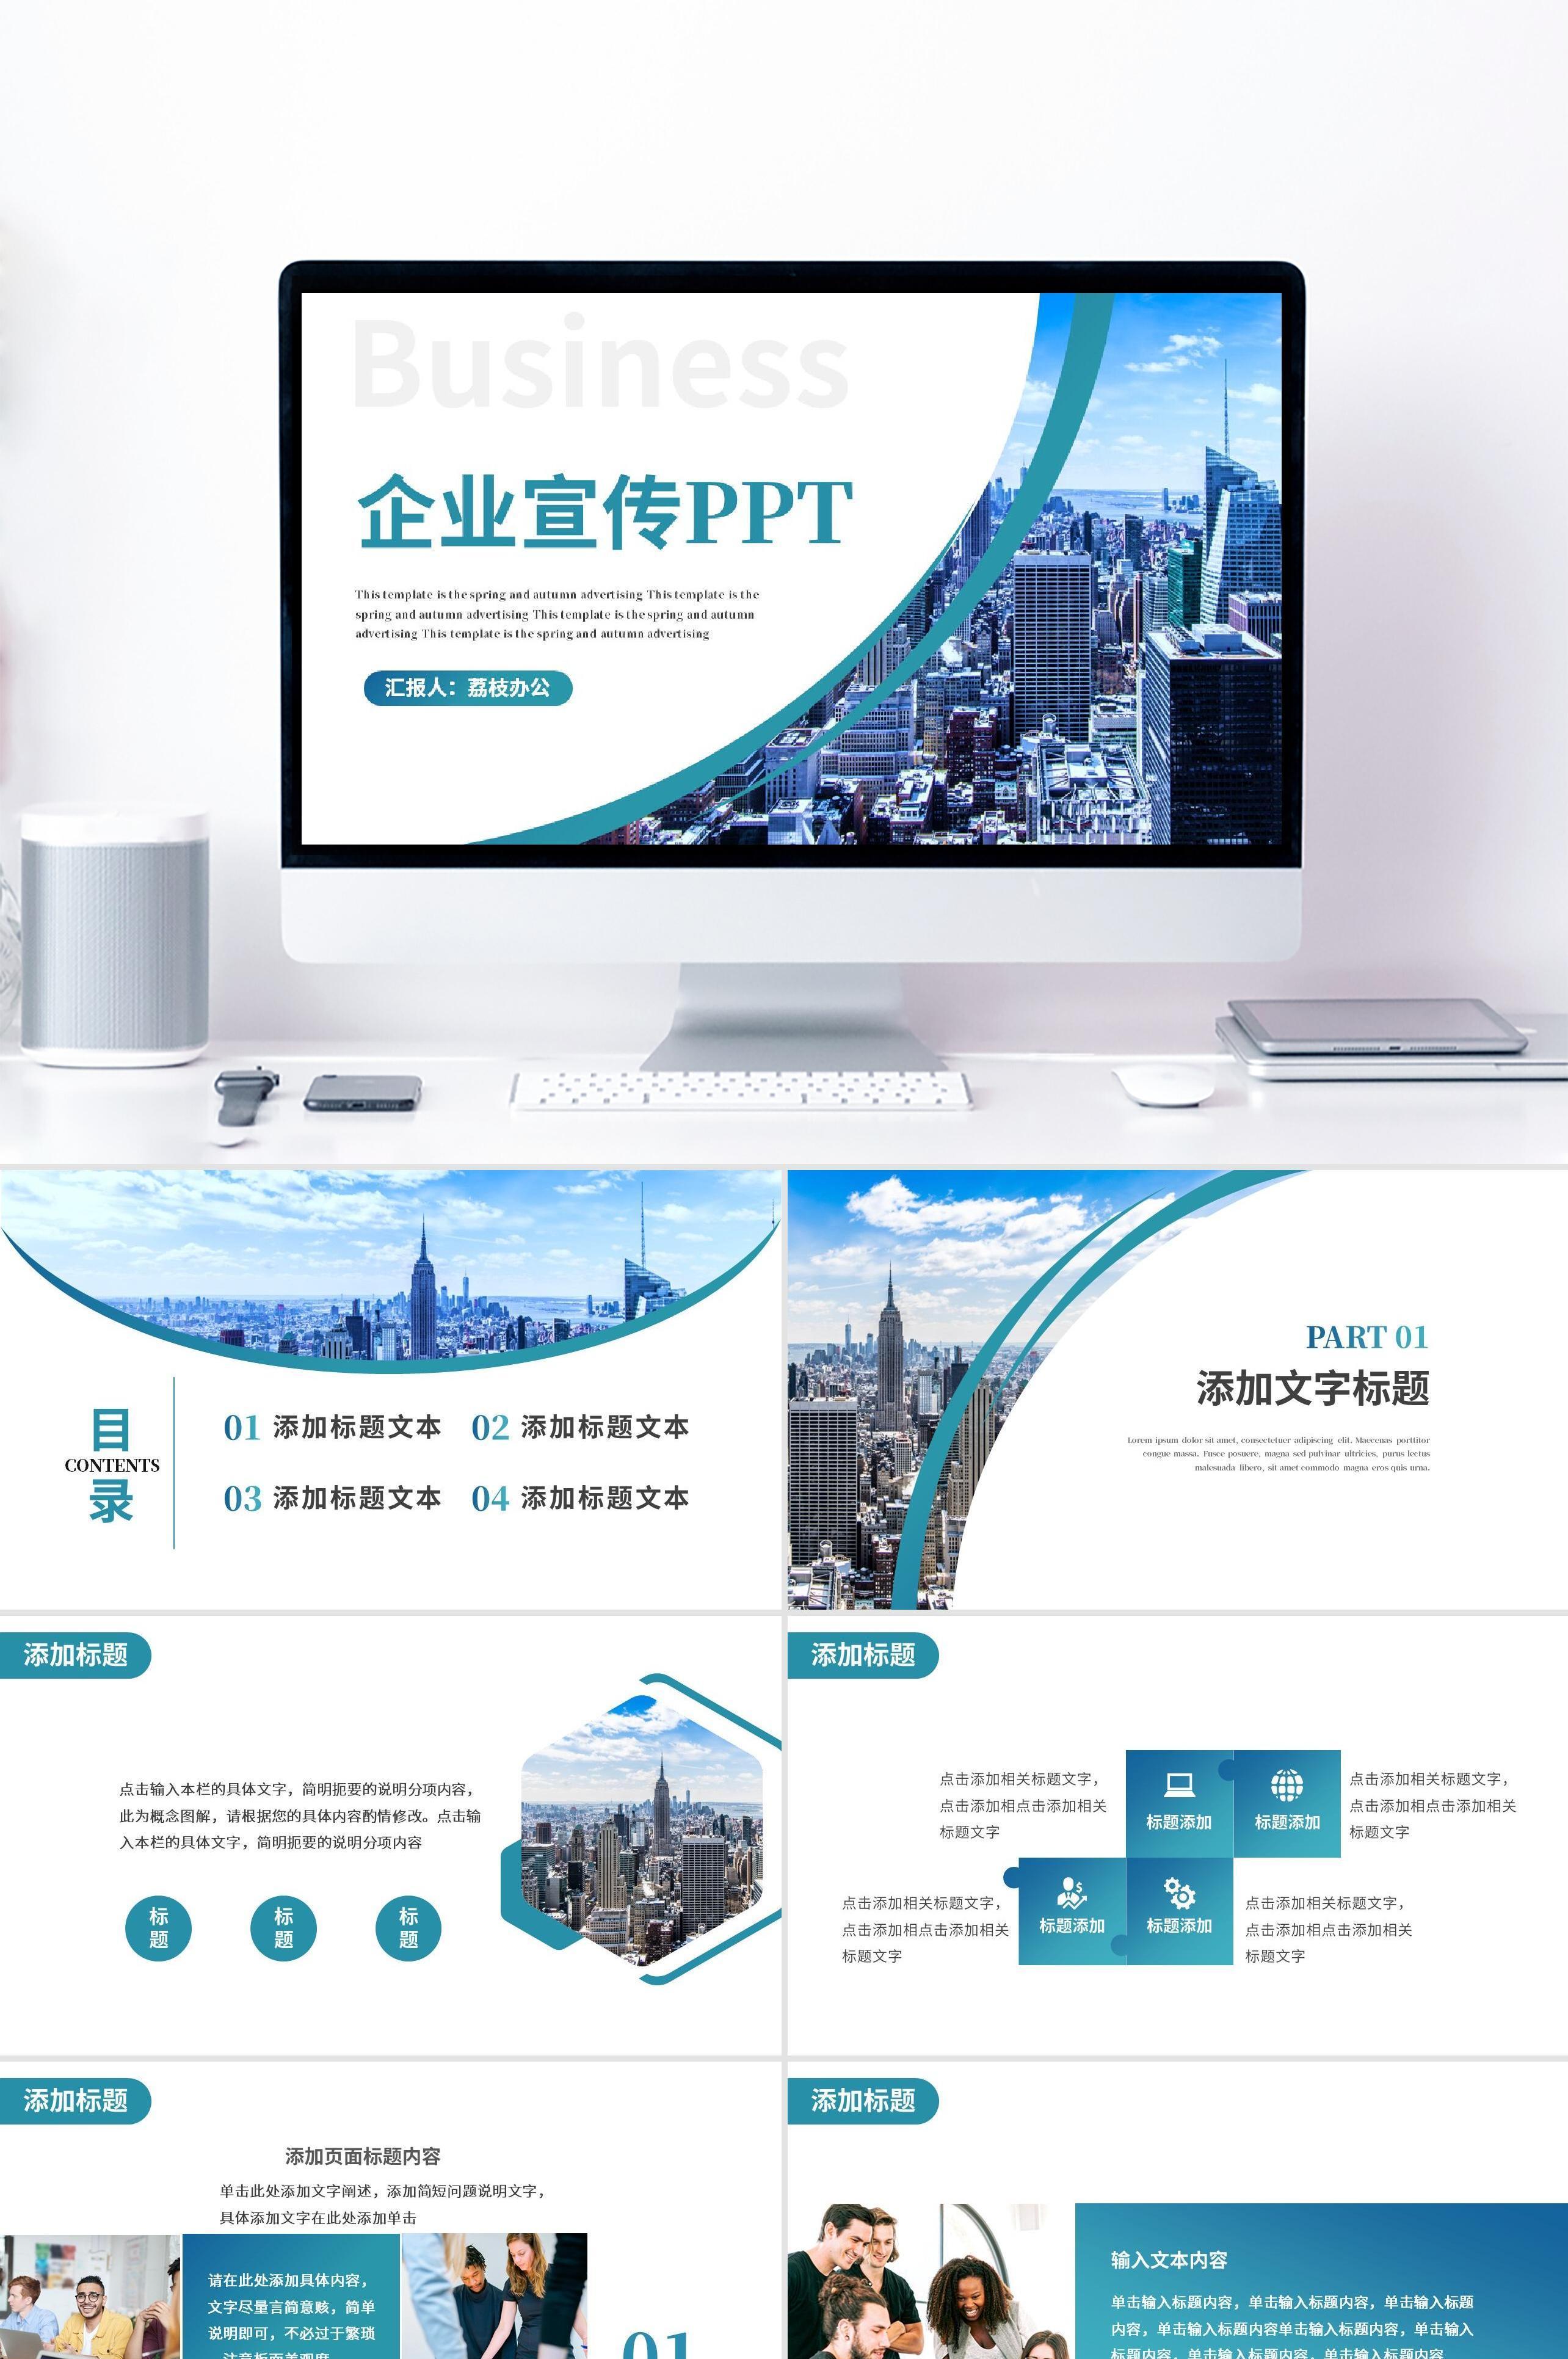 绿色商务风企业宣传品牌推广PPT模板